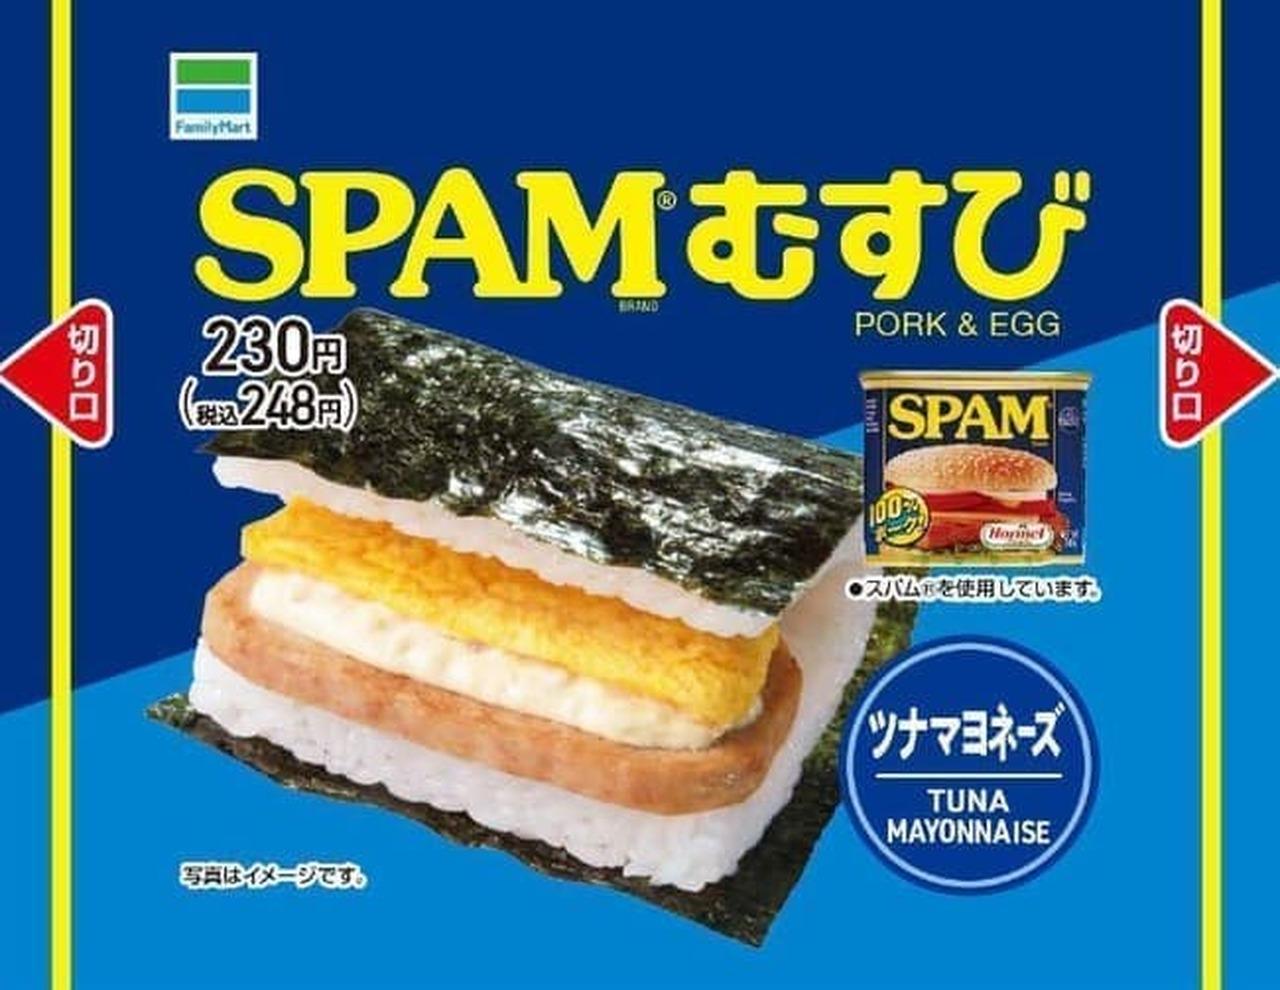 ファミリーマート「SPAMむすび」